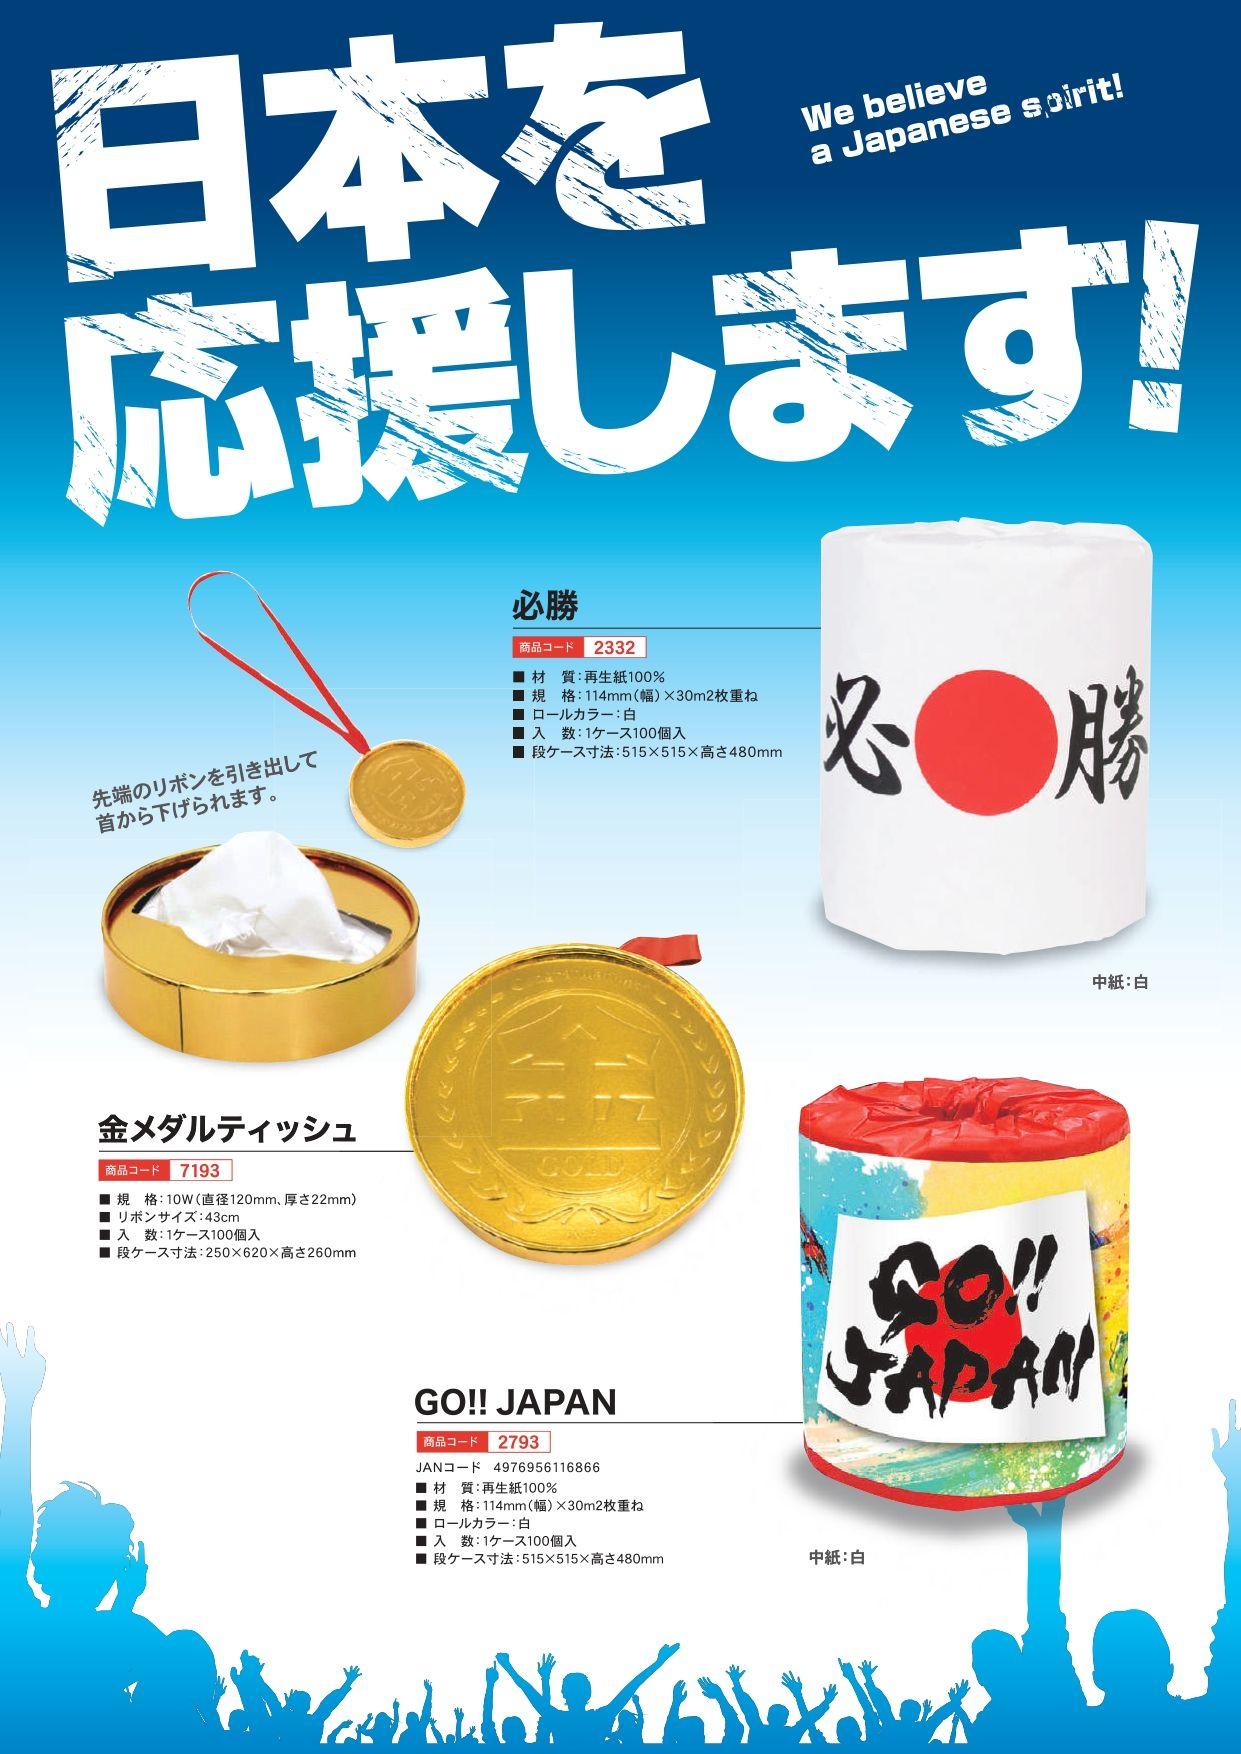 日本を応援します